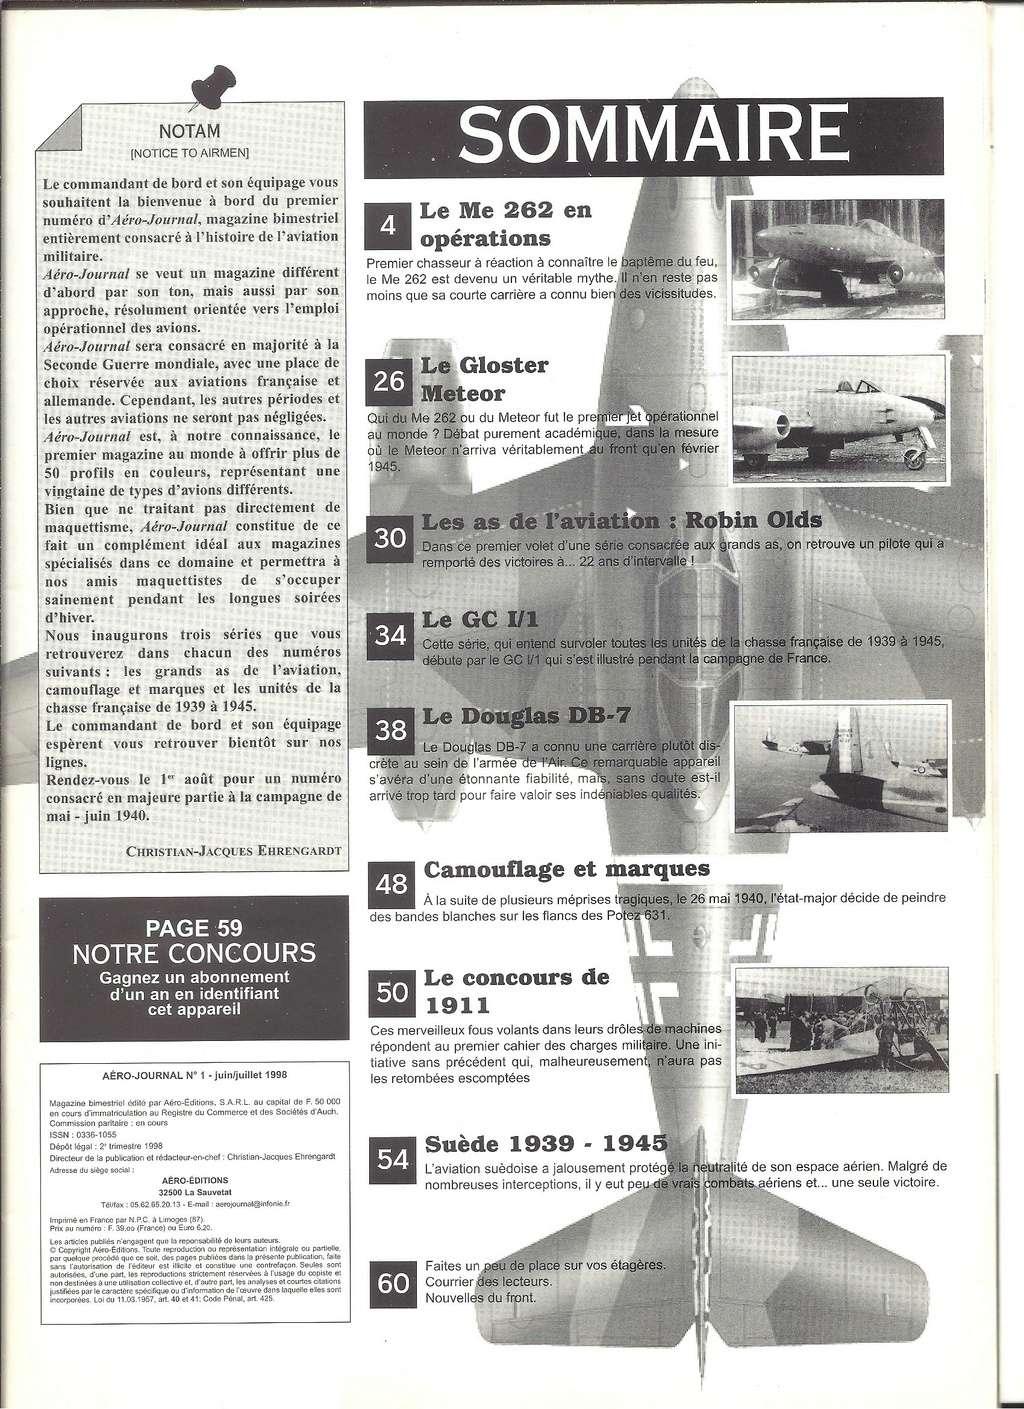 BLOCH MB 152 1/72ème Réf 80211 Revue_38